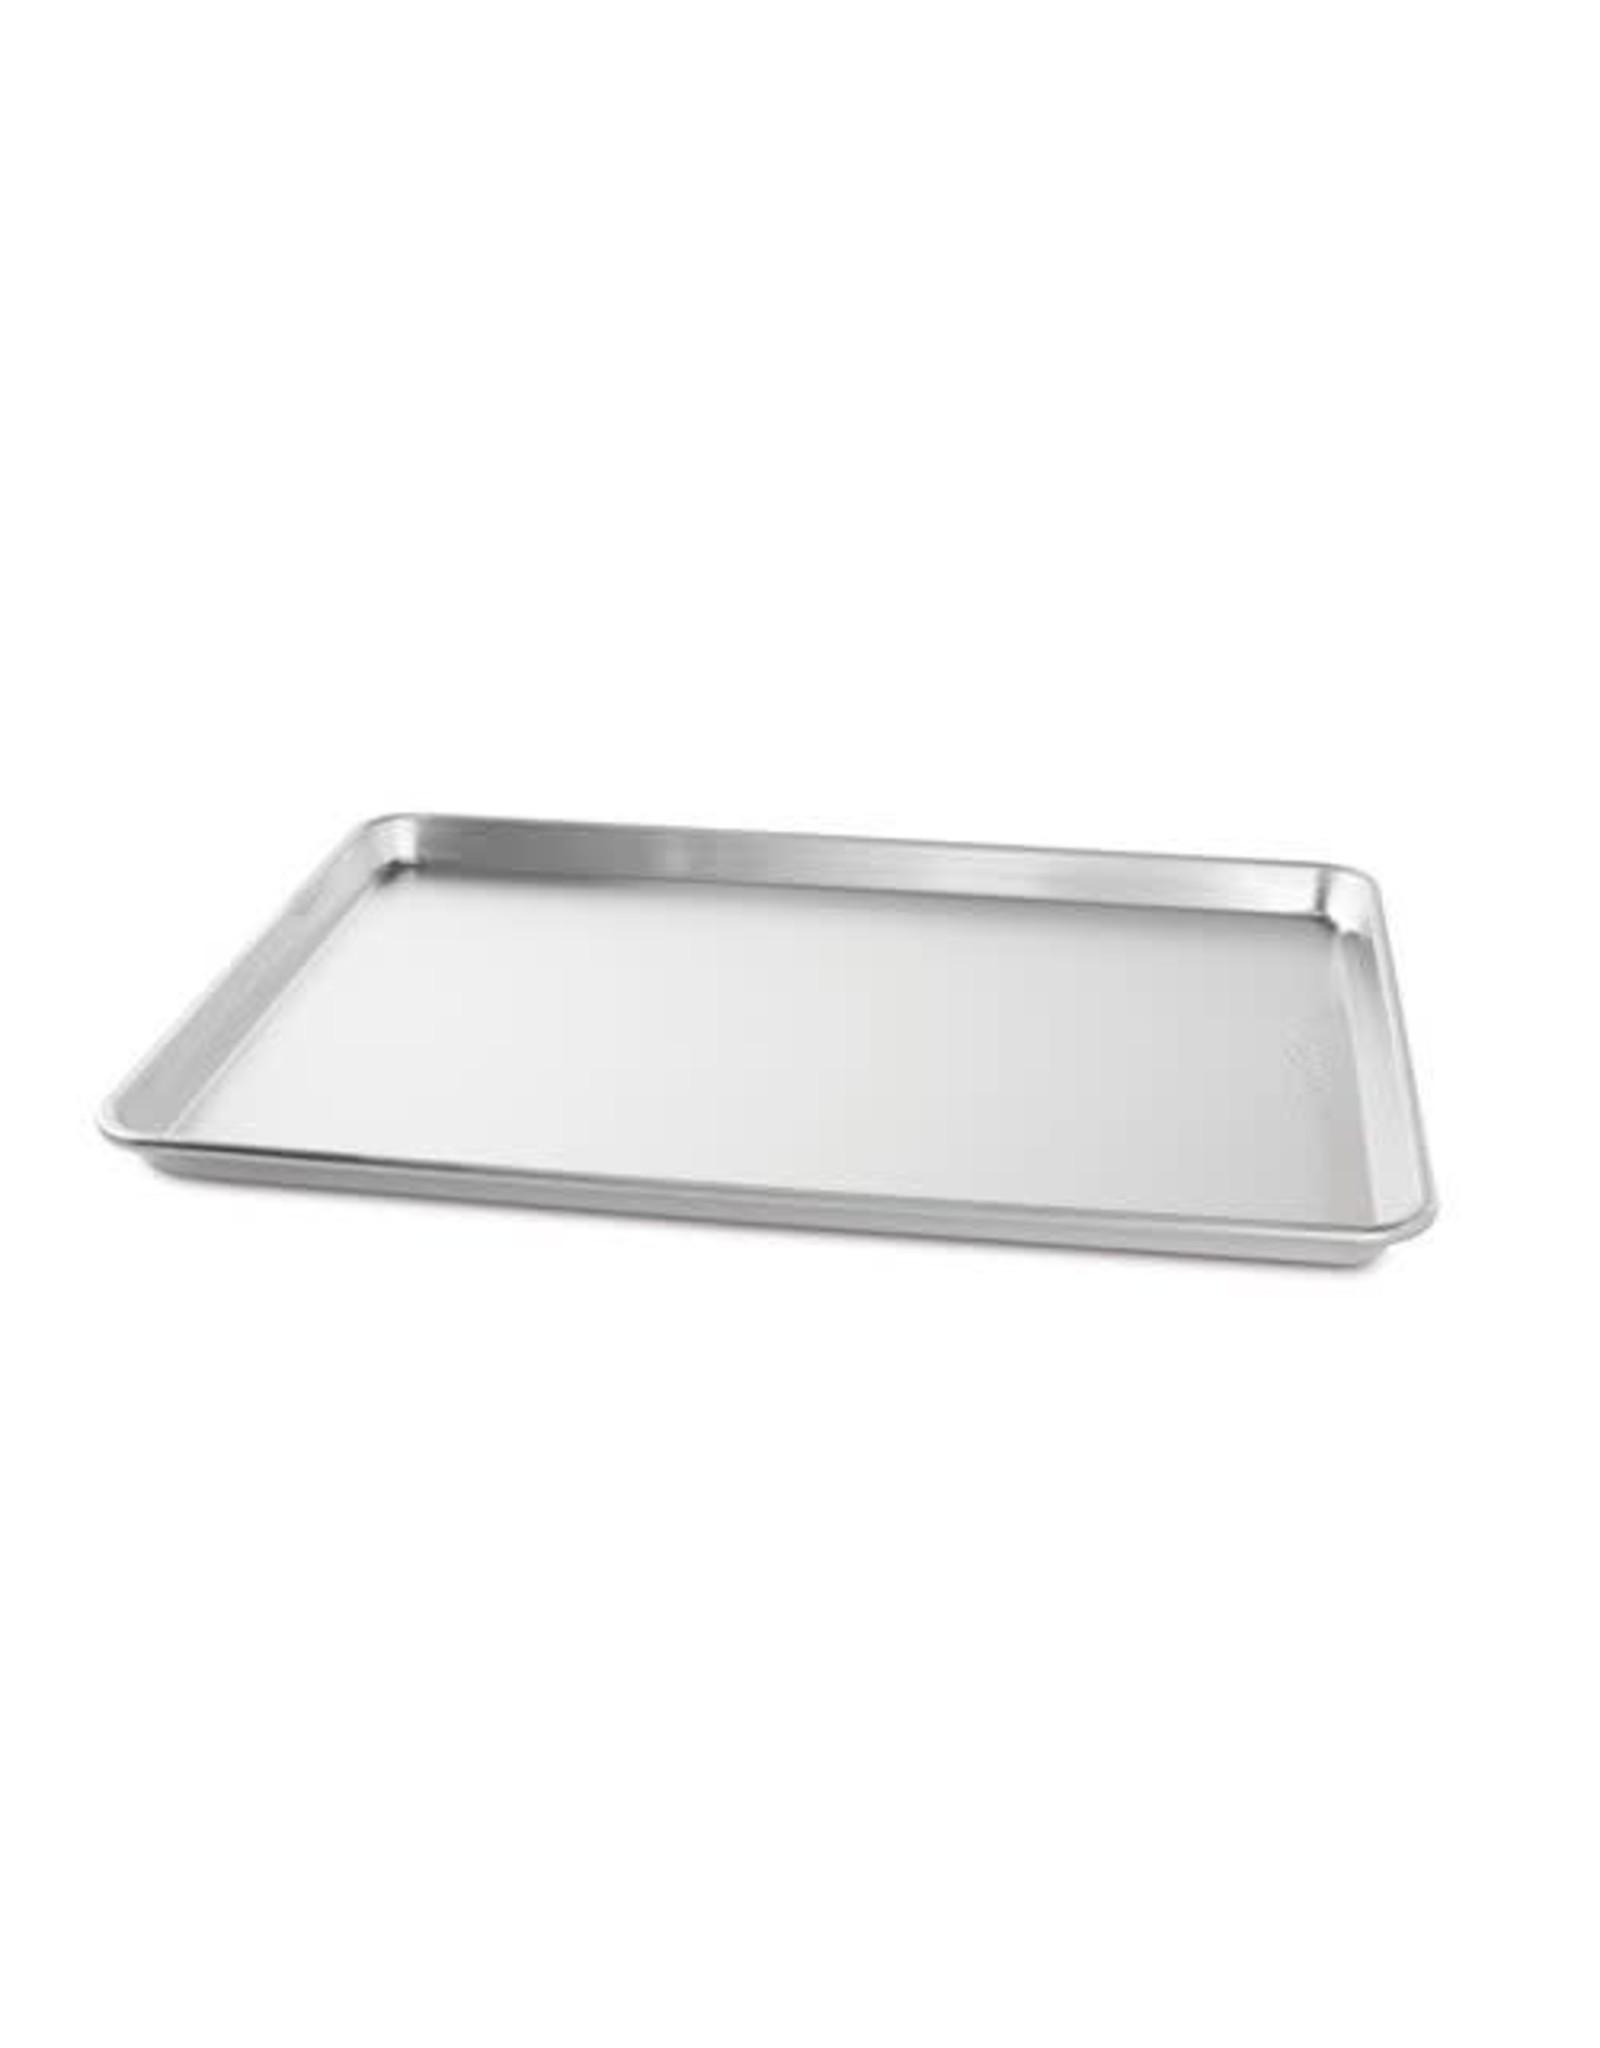 Nordic Ware Big Sheet Baking Pan, 13x19